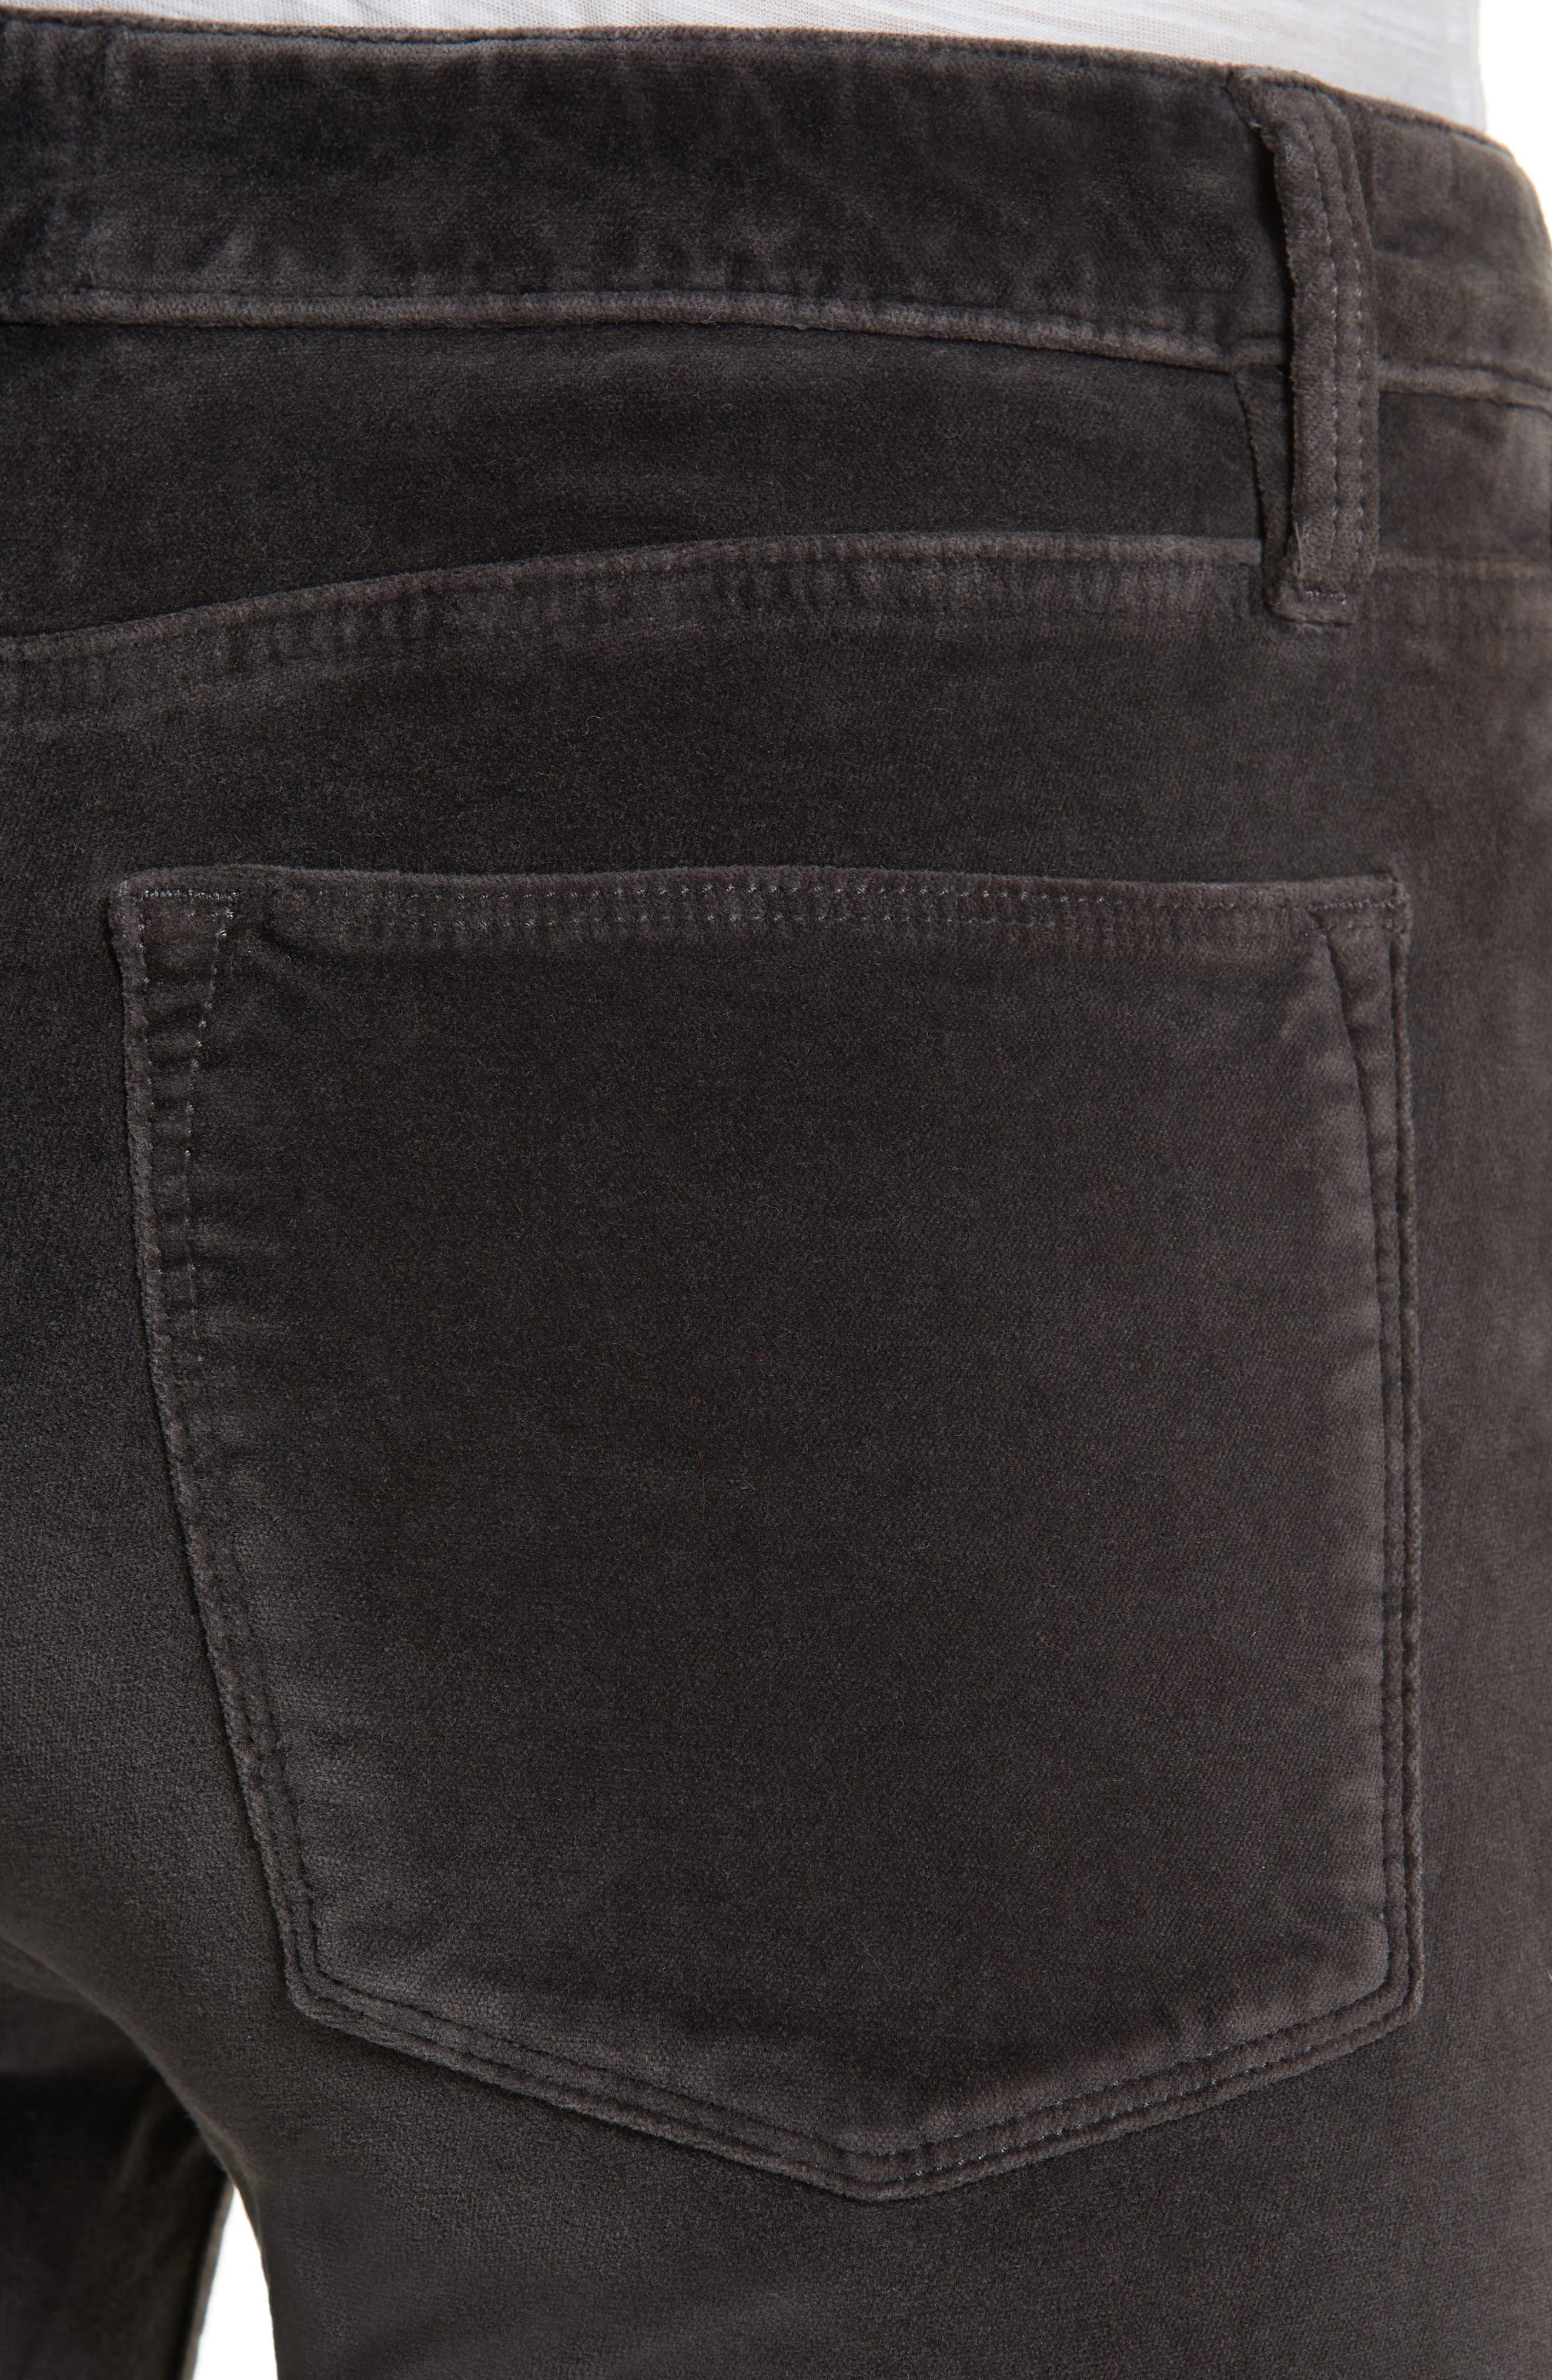 Velveteen High Waist Skinny Pants,                             Alternate thumbnail 4, color,                             021